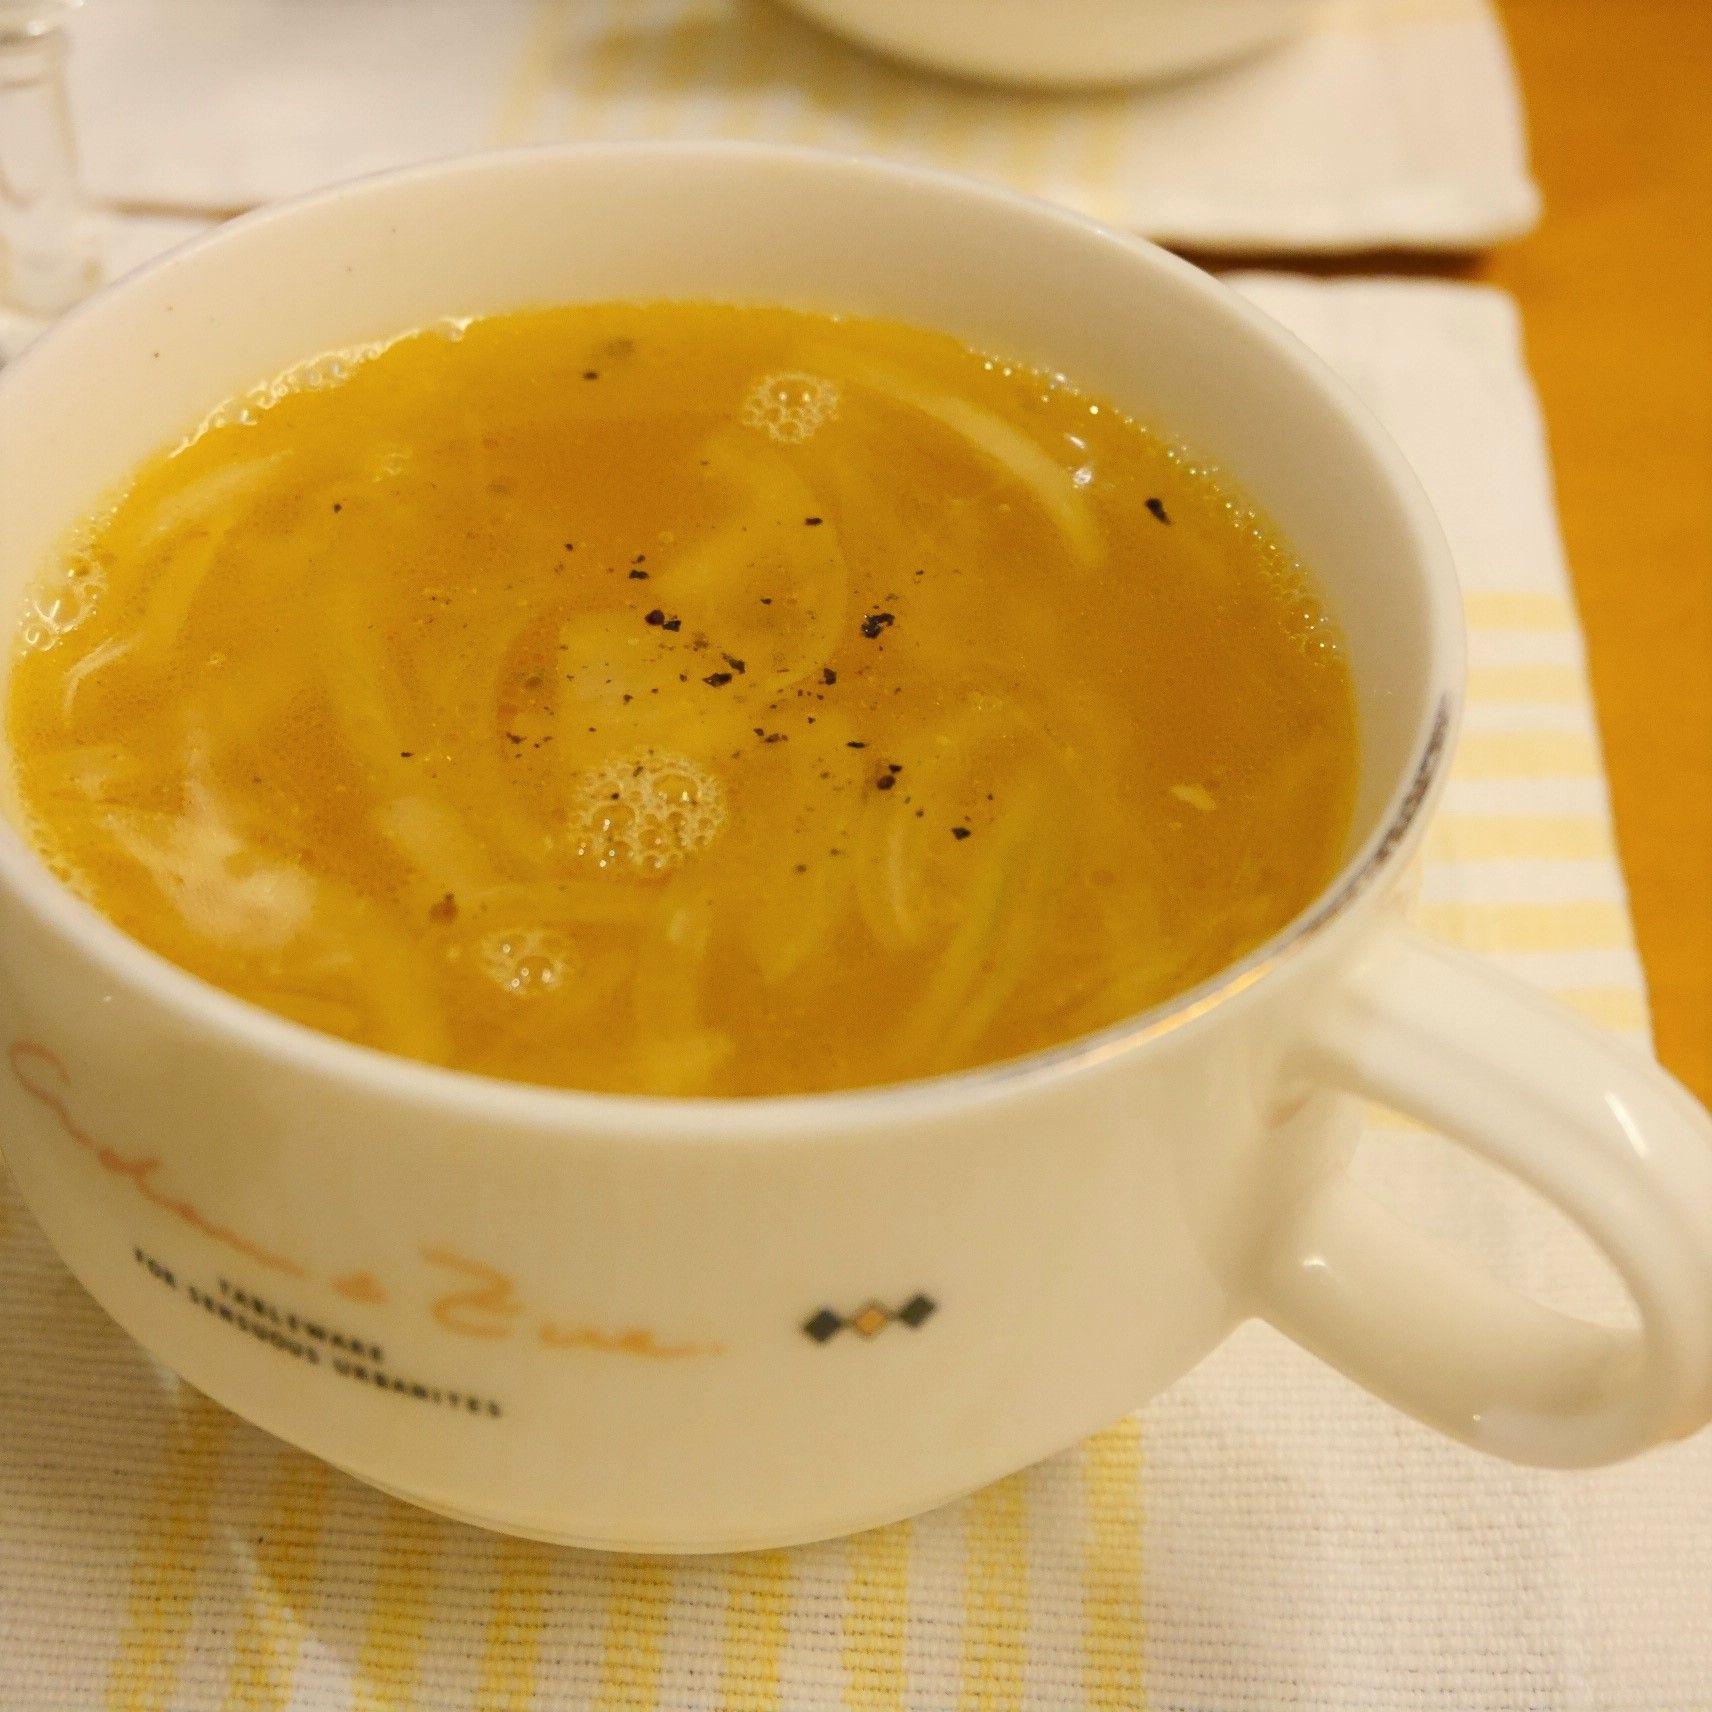 シャウエッセンのミートローフのハーブ焼き_残りのオイルでオニオンスープ